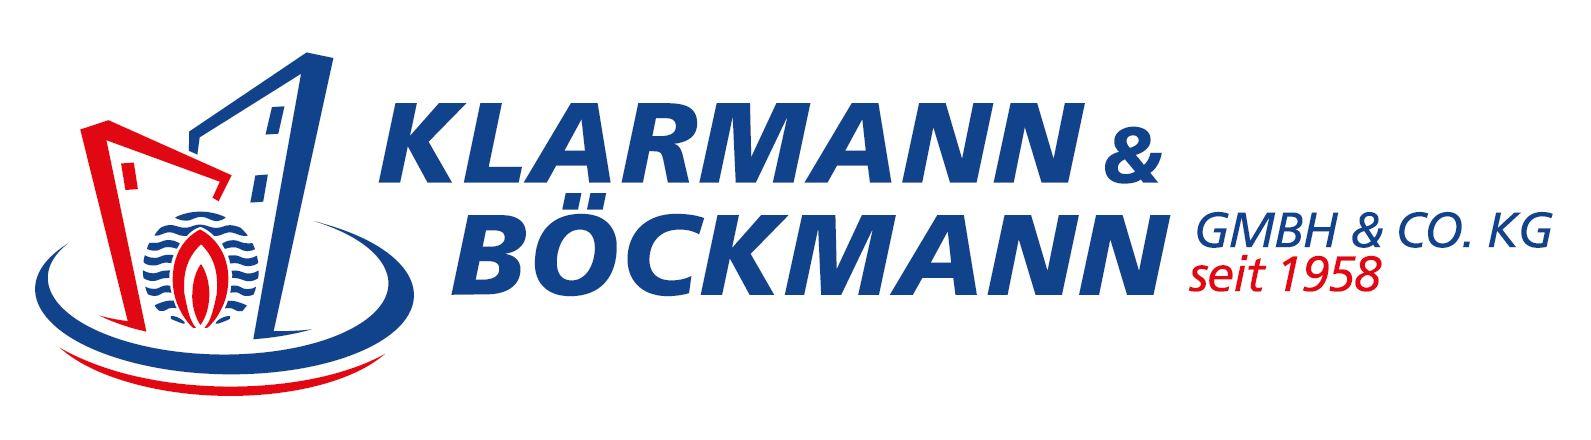 Solvis Fachpartner Klarmann Böckmann